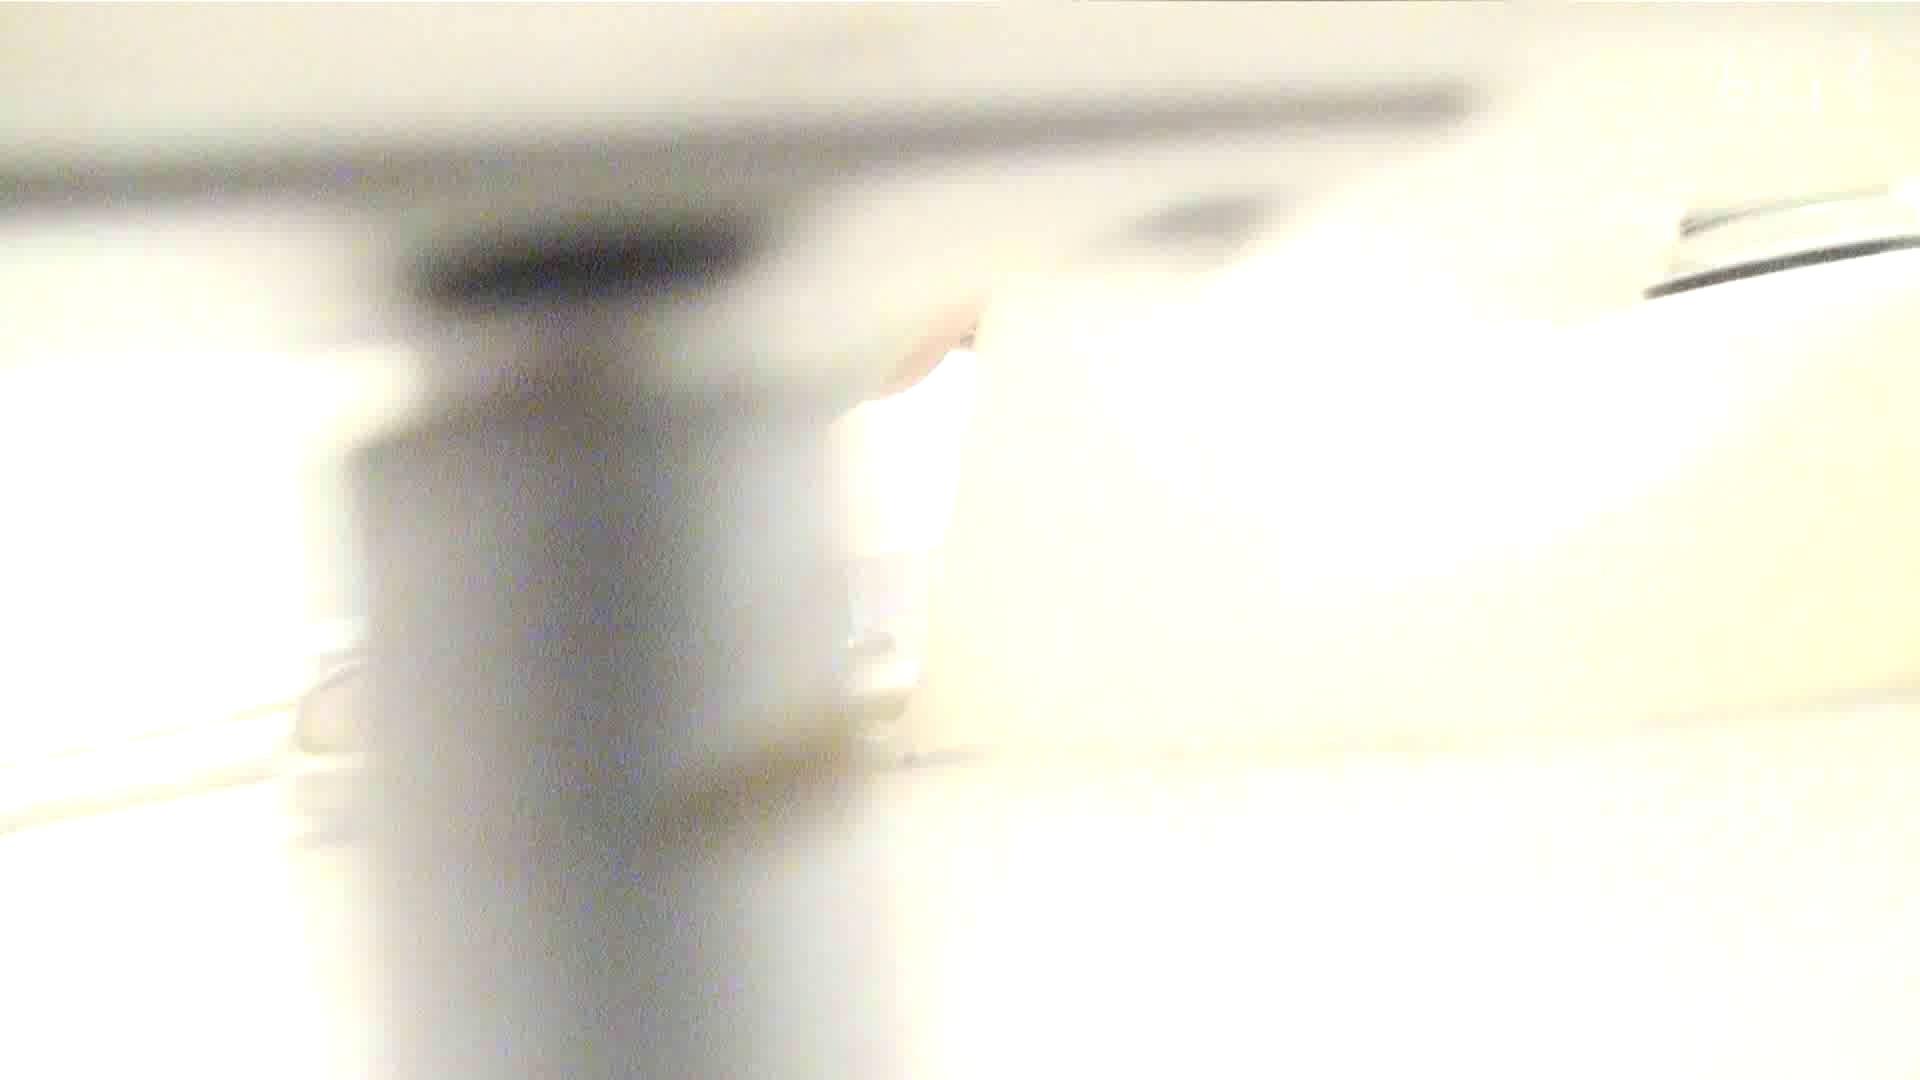 ナースのお小水 vol.003 OLのエロ生活 われめAV動画紹介 101連発 20